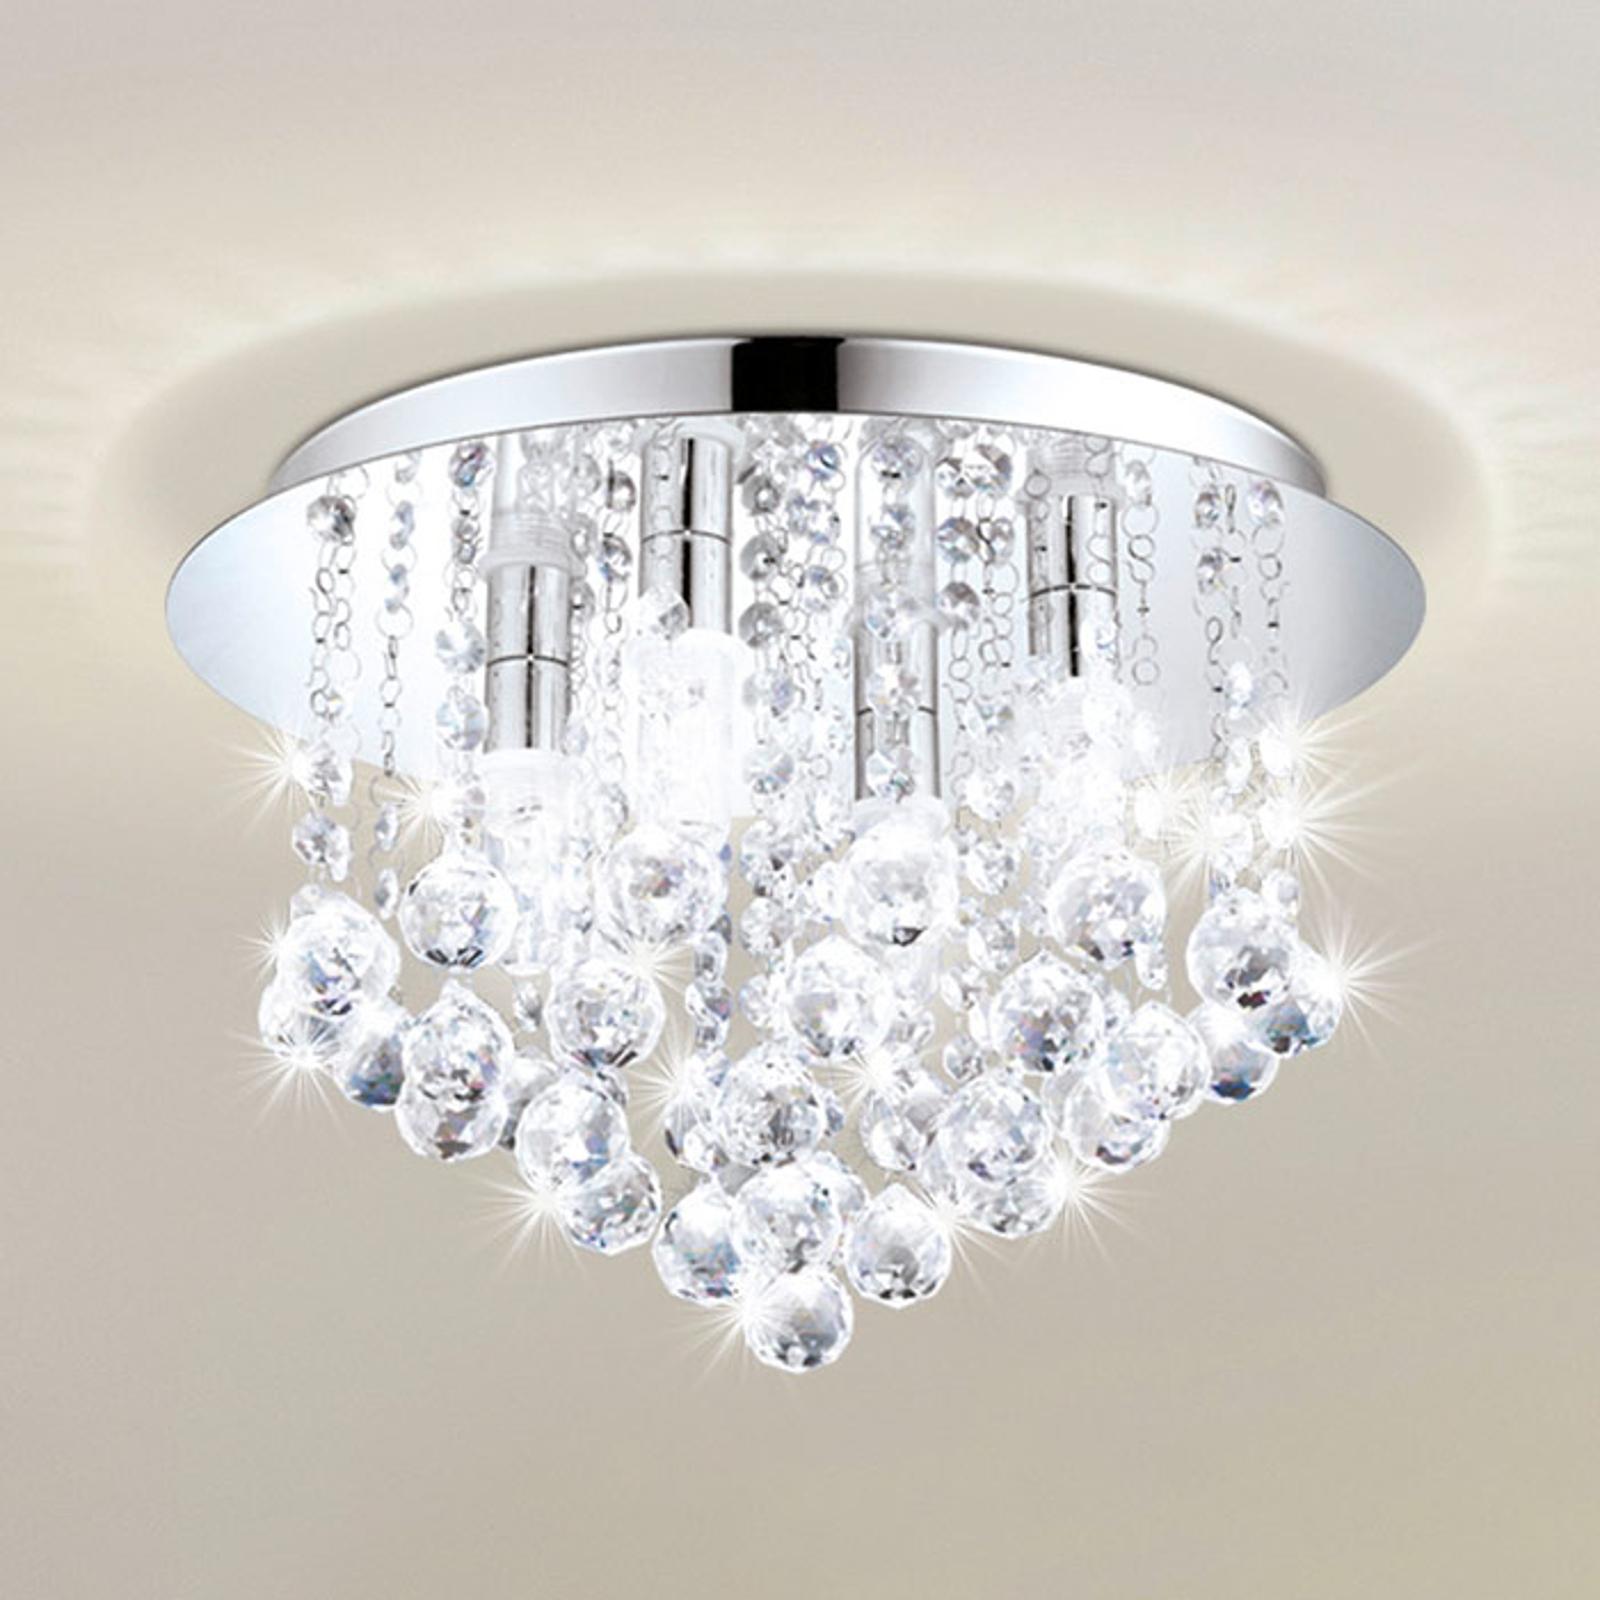 LED plafondlamp Almonte met behang, 35cm